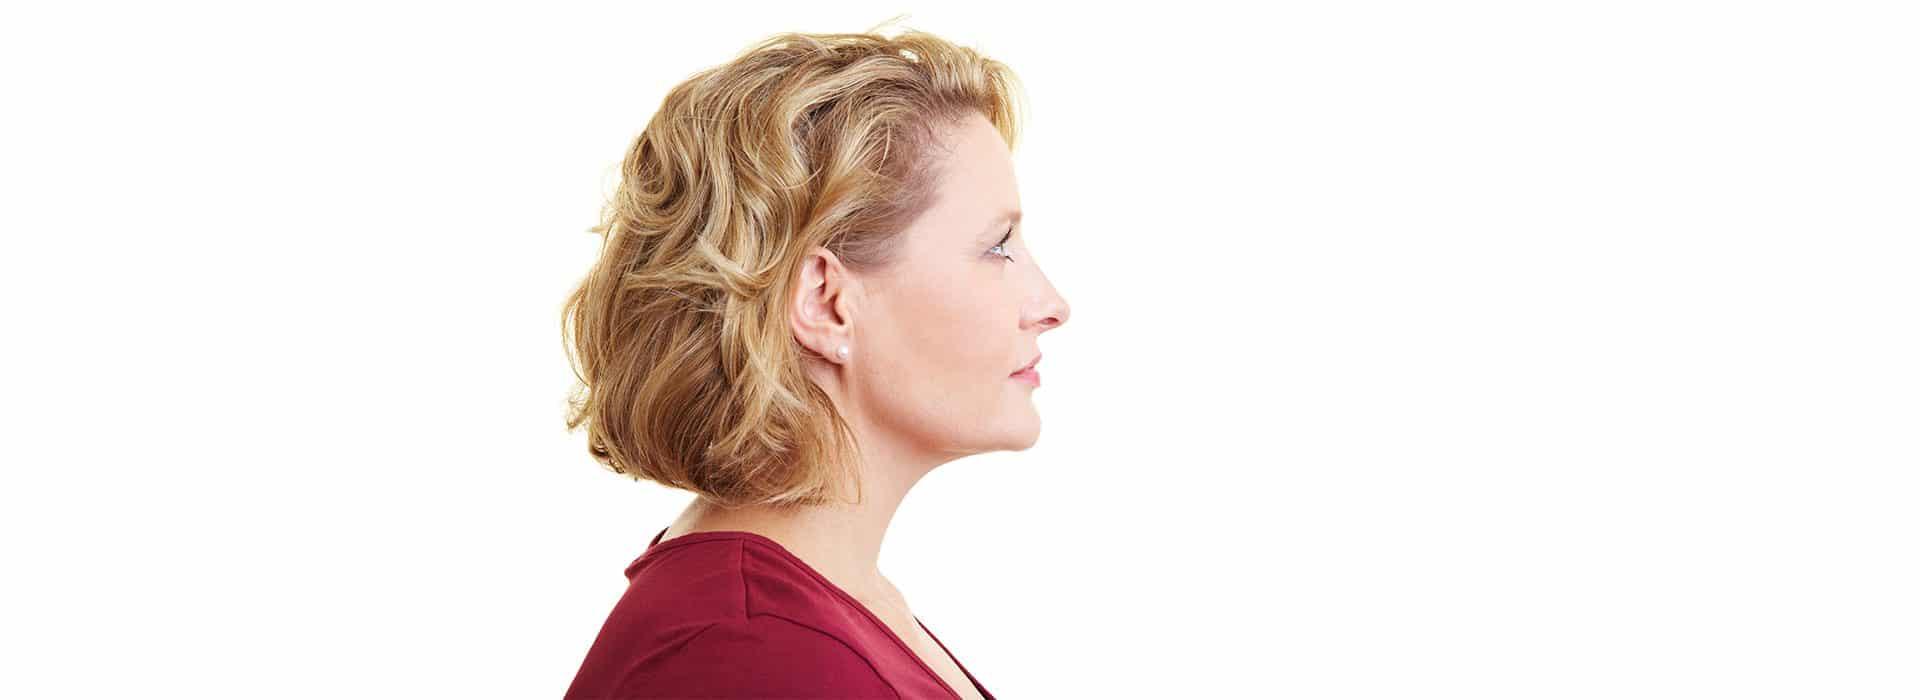 Operación de nariz secundaria, mejora tu nariz en una segunda operación